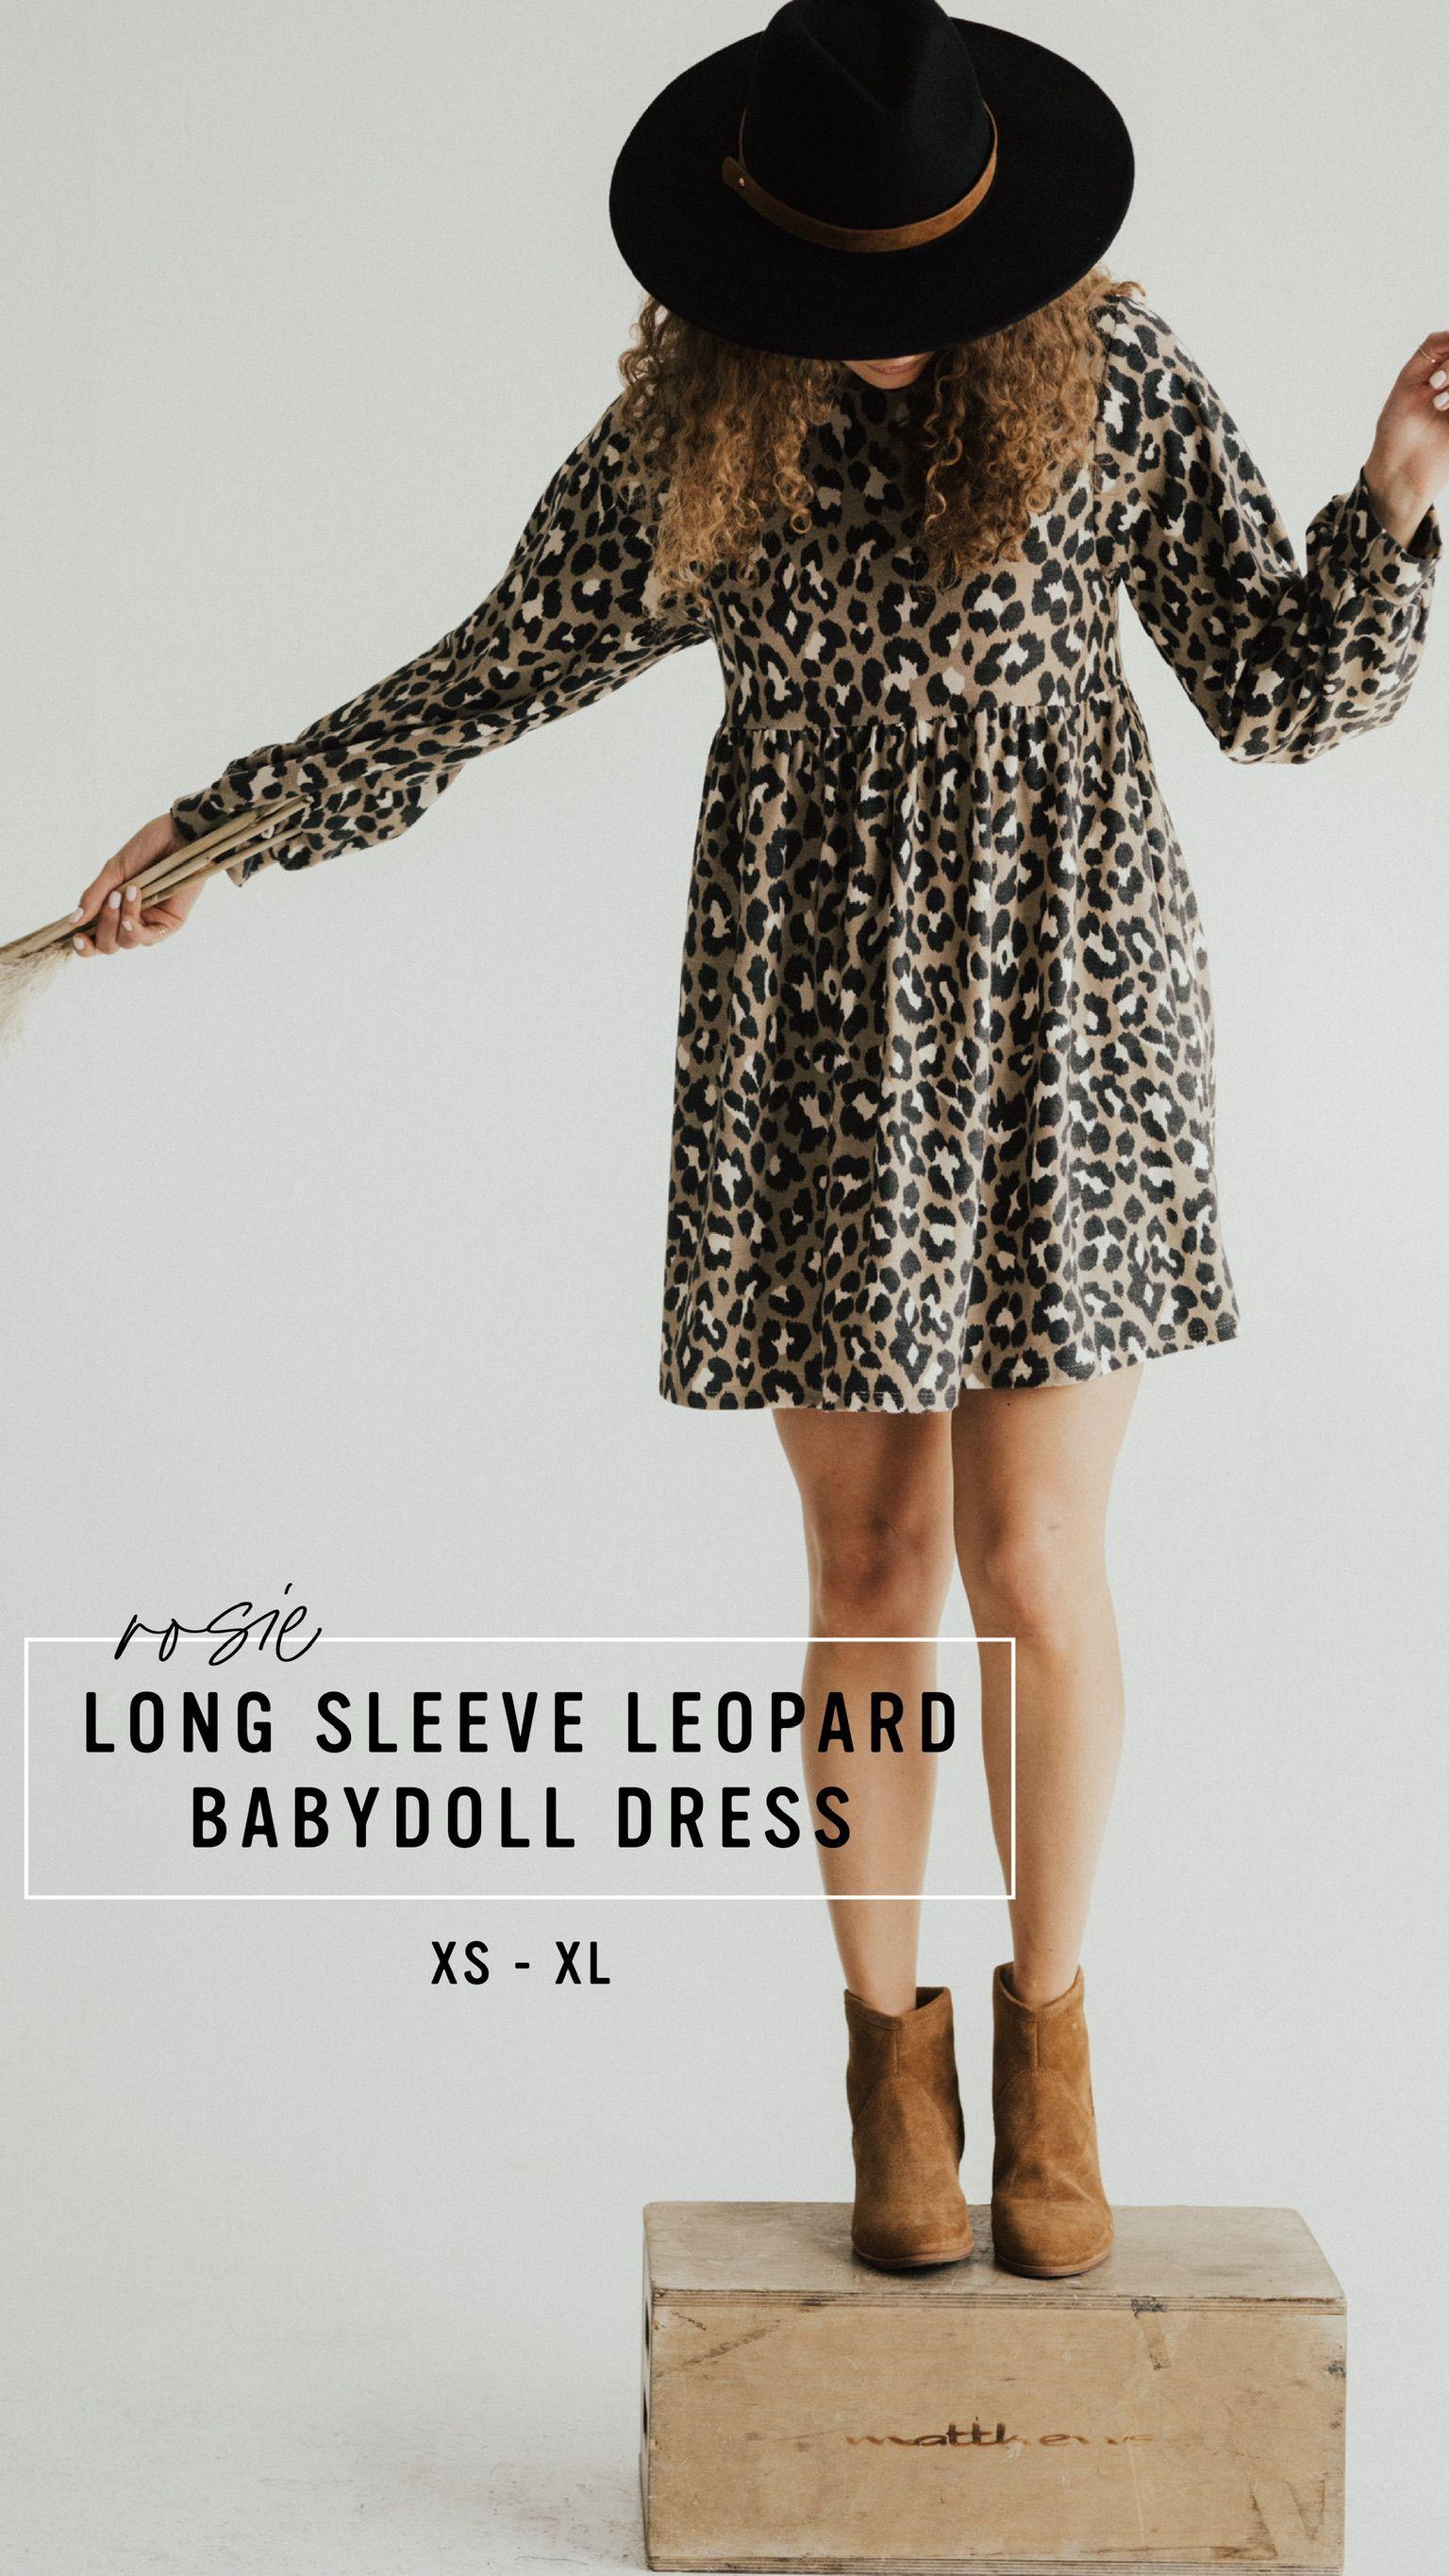 Rosie Long Sleeve Leopard Babydoll Dress Carly Jean Los Angeles Carly Jean Los Angeles Babydoll Dress Sweet Dress